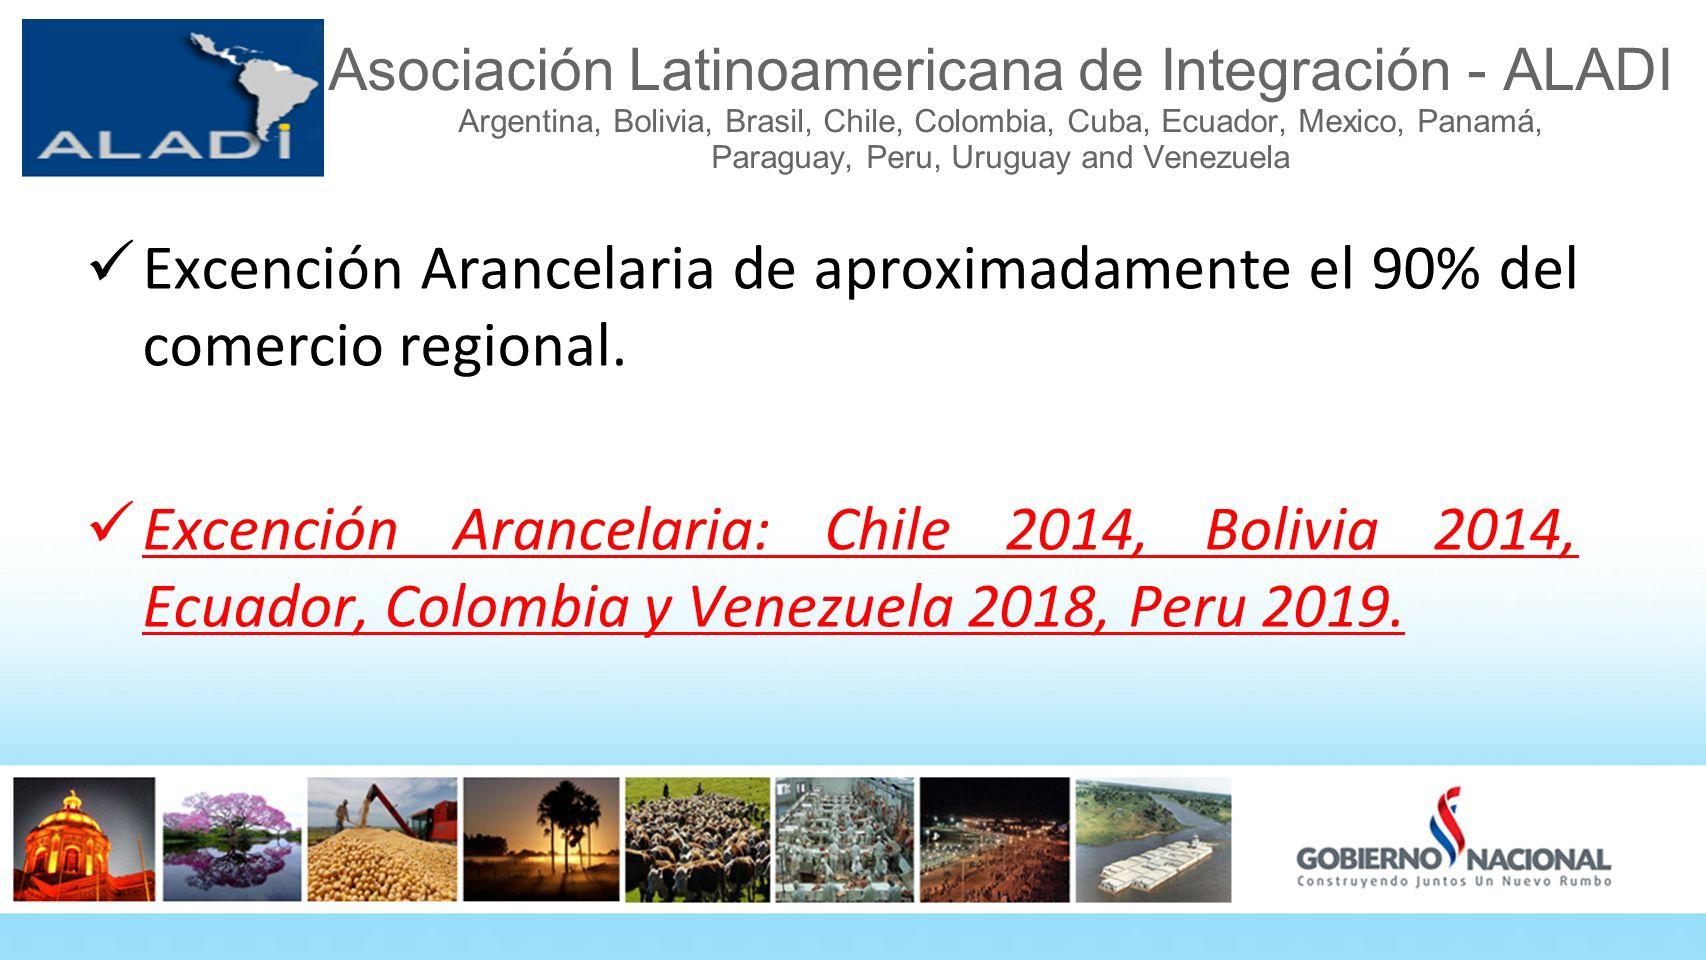 Asociación Latinoamericana de Integración - ALADI Argentina, Bolivia, Brasil, Chile, Colombia, Cuba, Ecuador, Mexico, Panamá, Paraguay, Peru, Uruguay